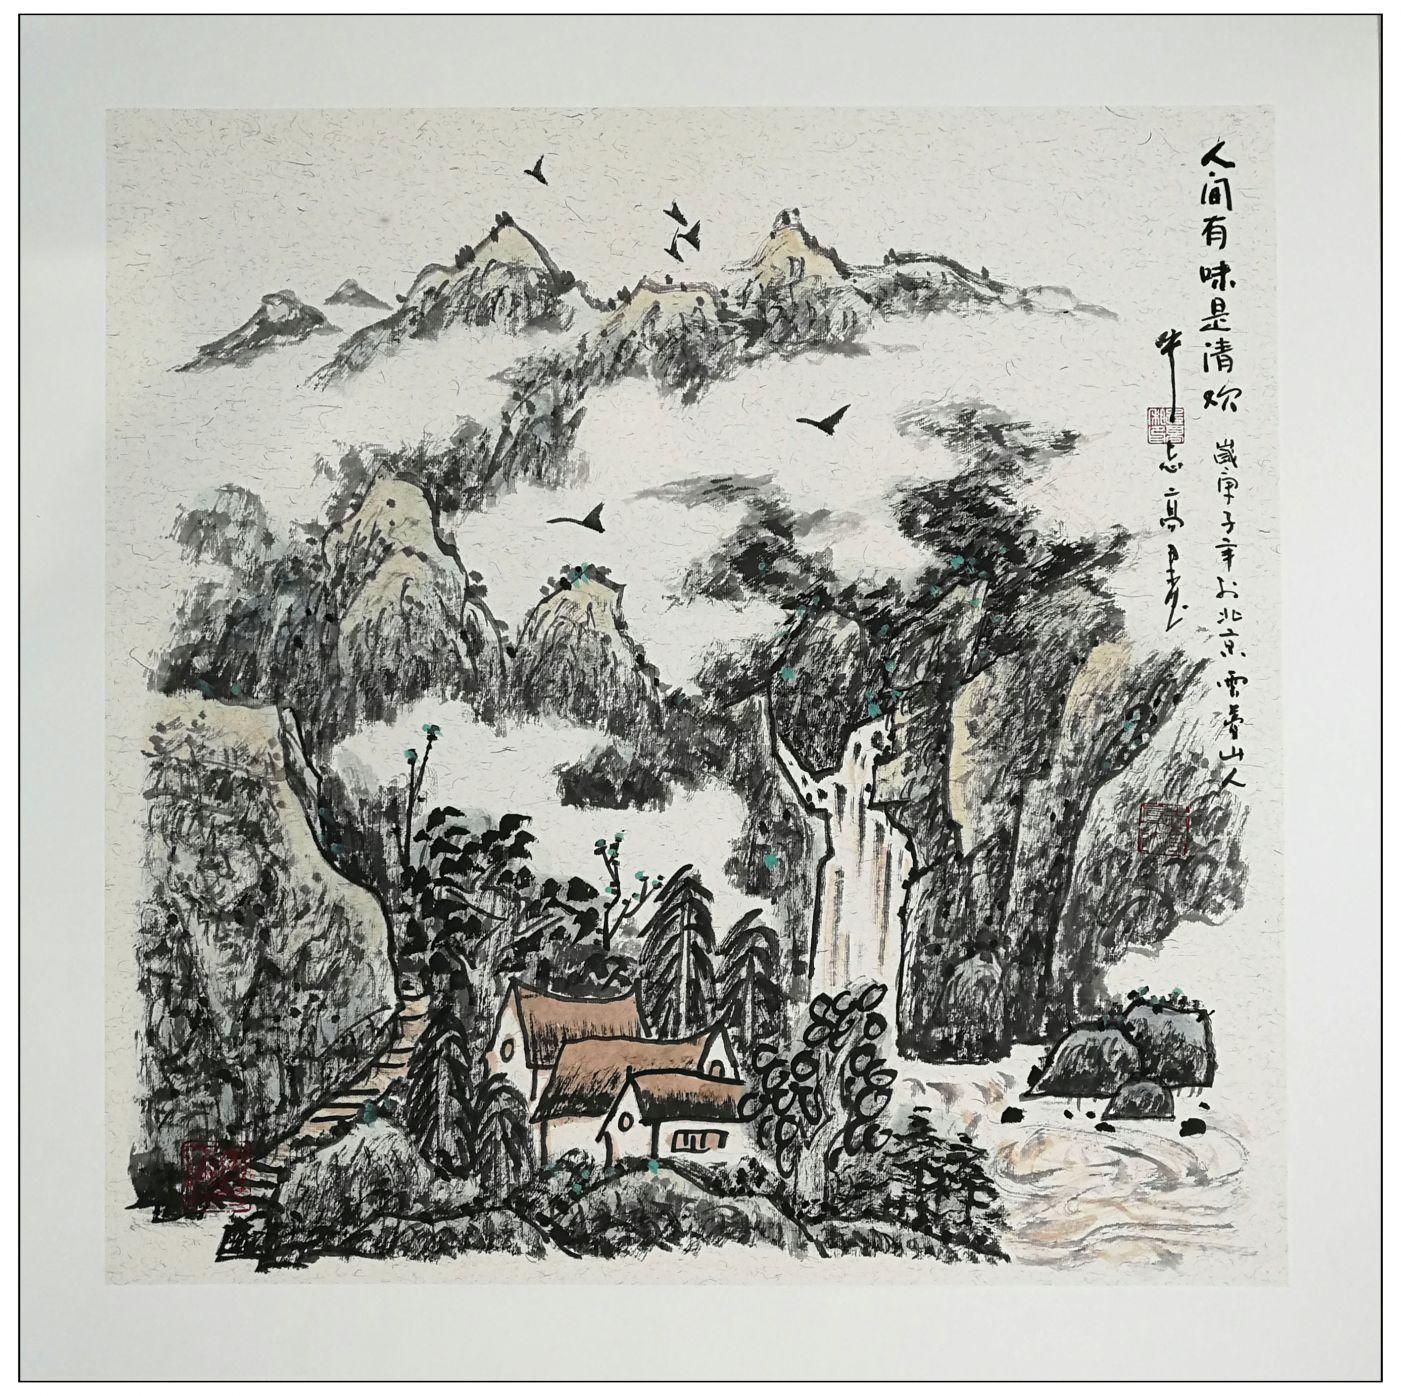 牛志高2020山水画新作-----2020.07.07_图1-1